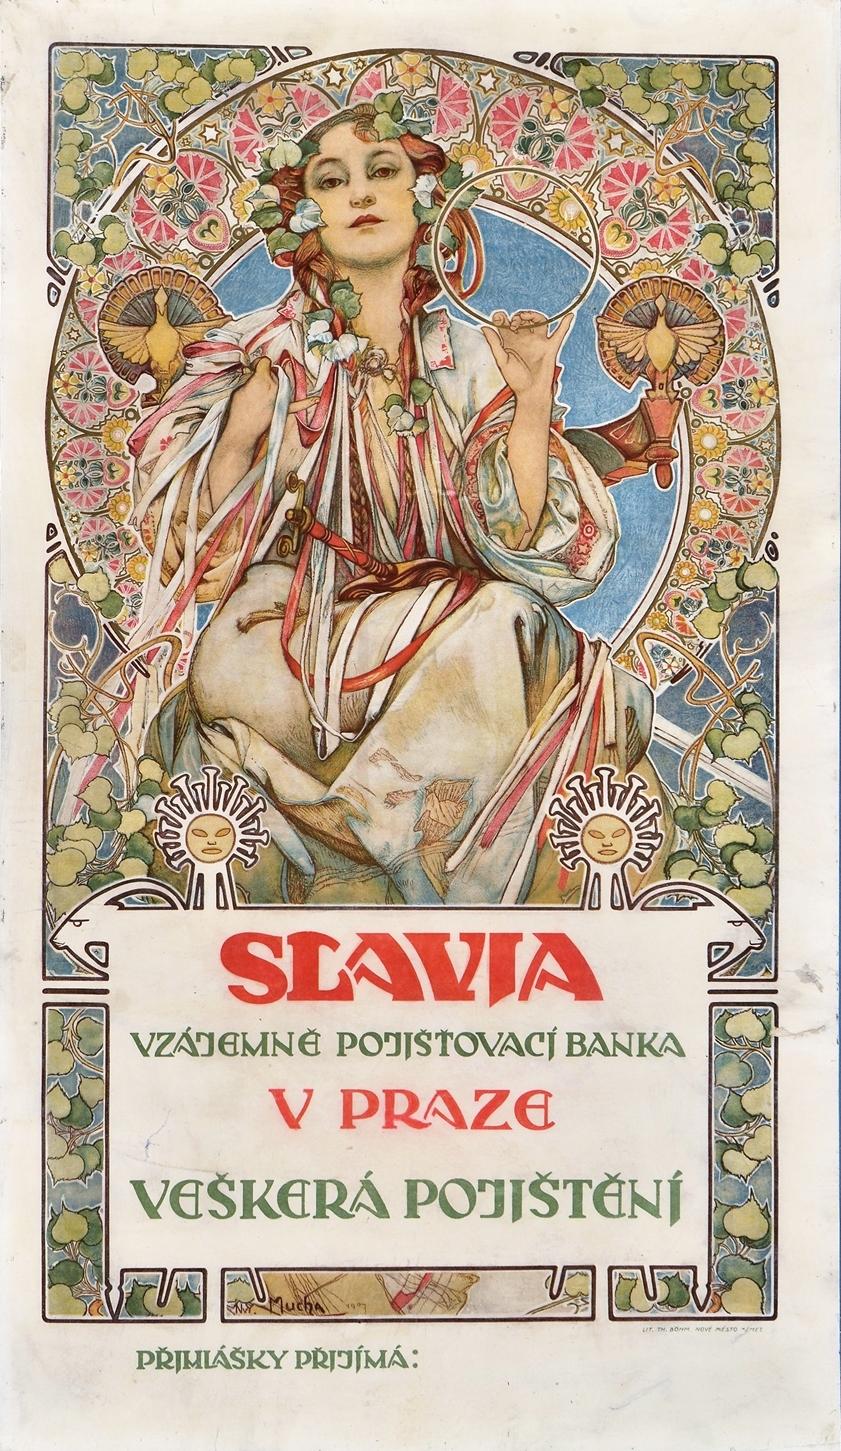 ポスター《スラヴィア保険会社》1907年 リトグラフ